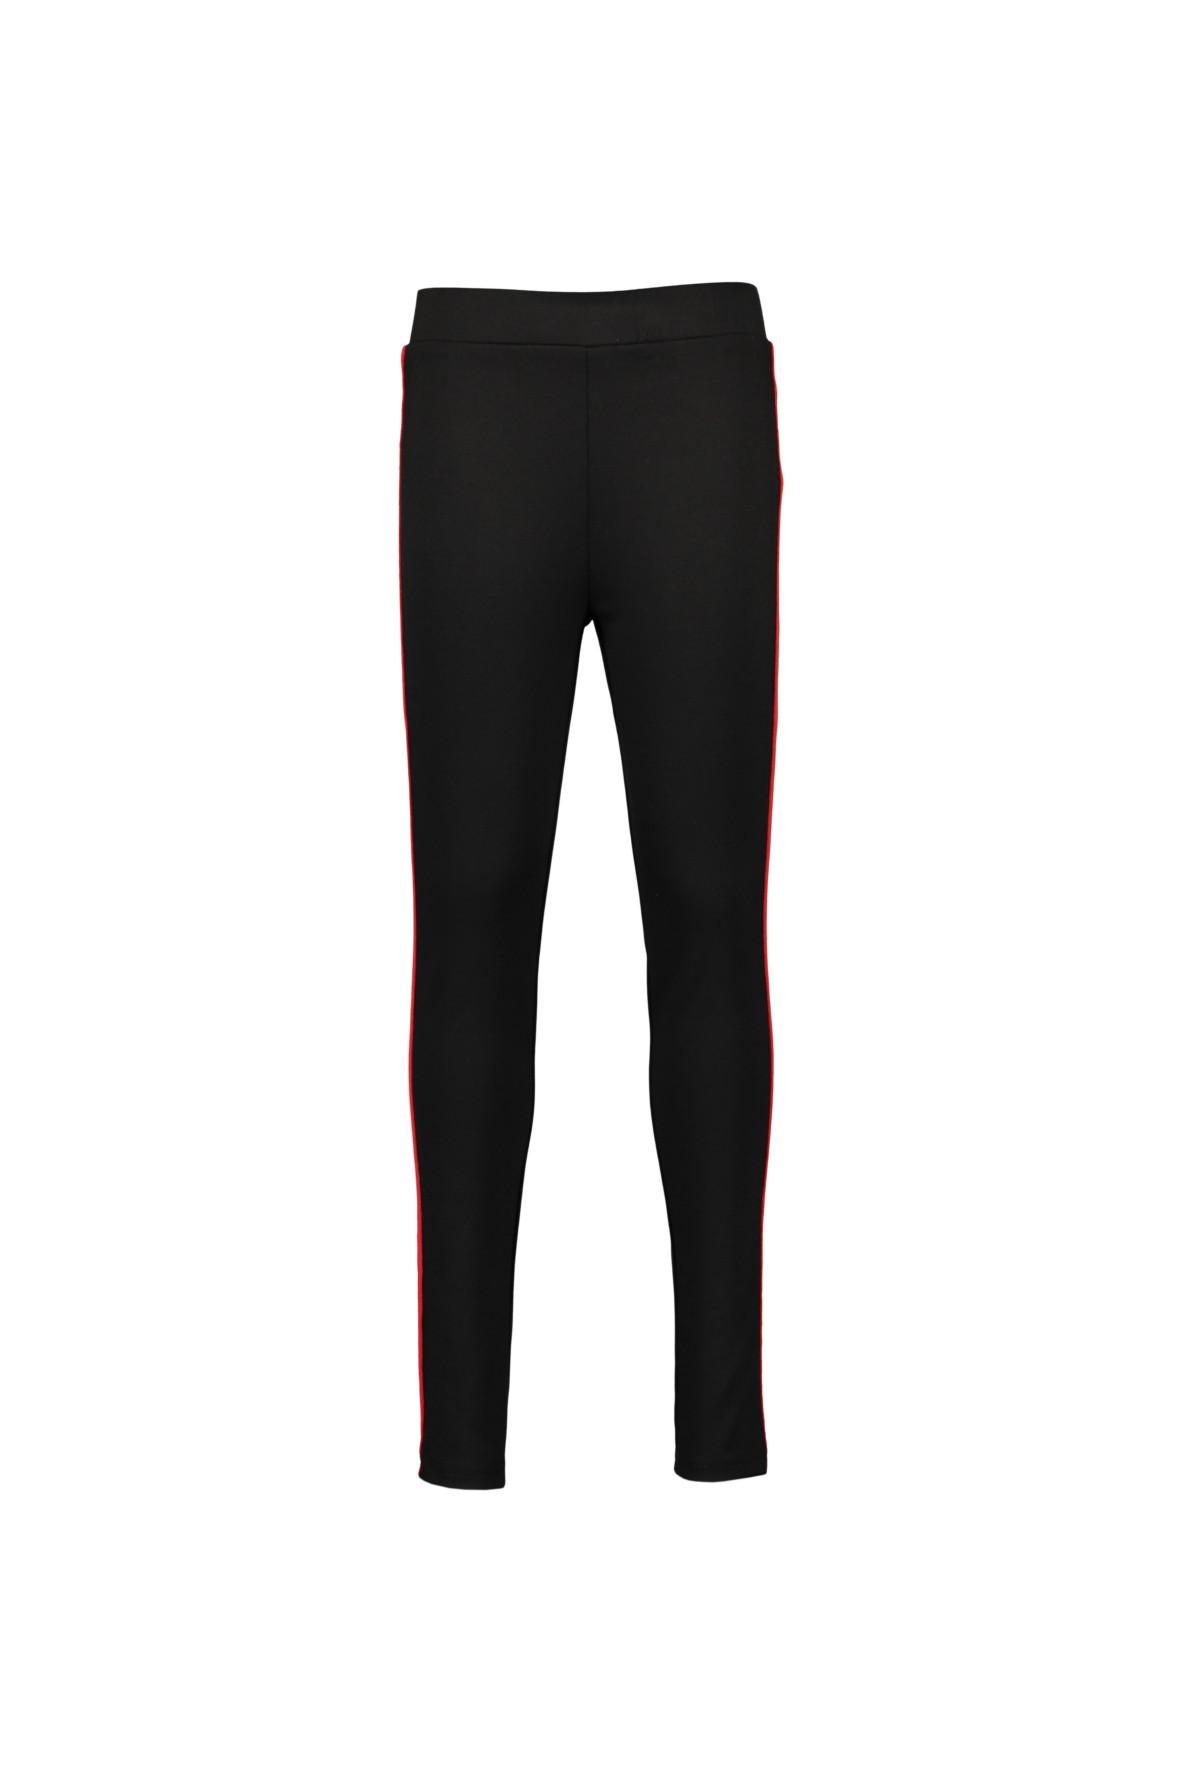 Spodnie dziewczęce czarne z lampasem